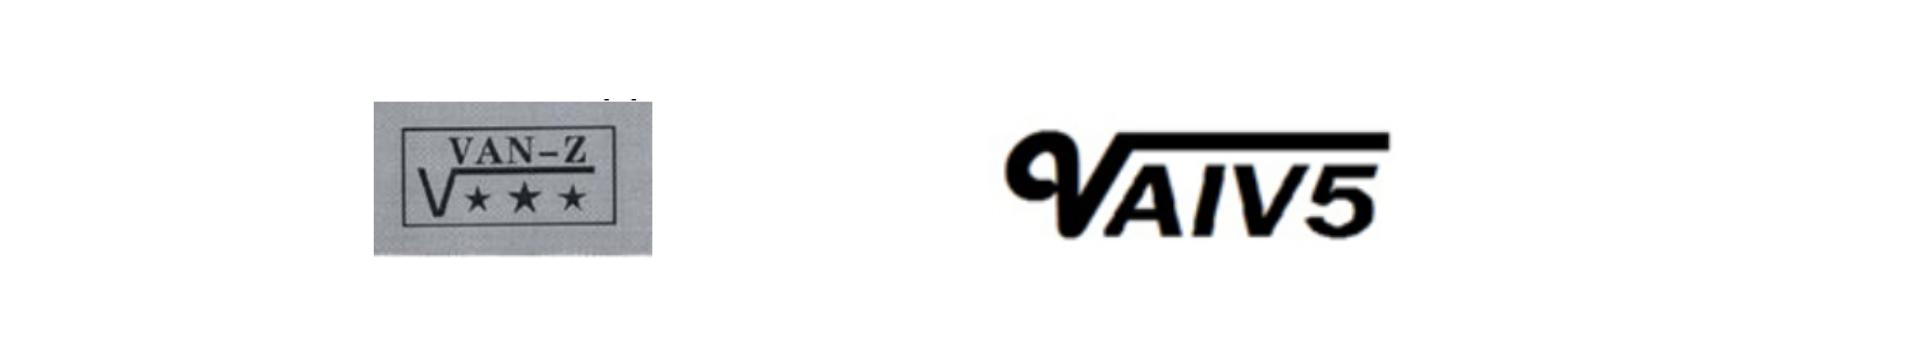 Vav5 Van-z